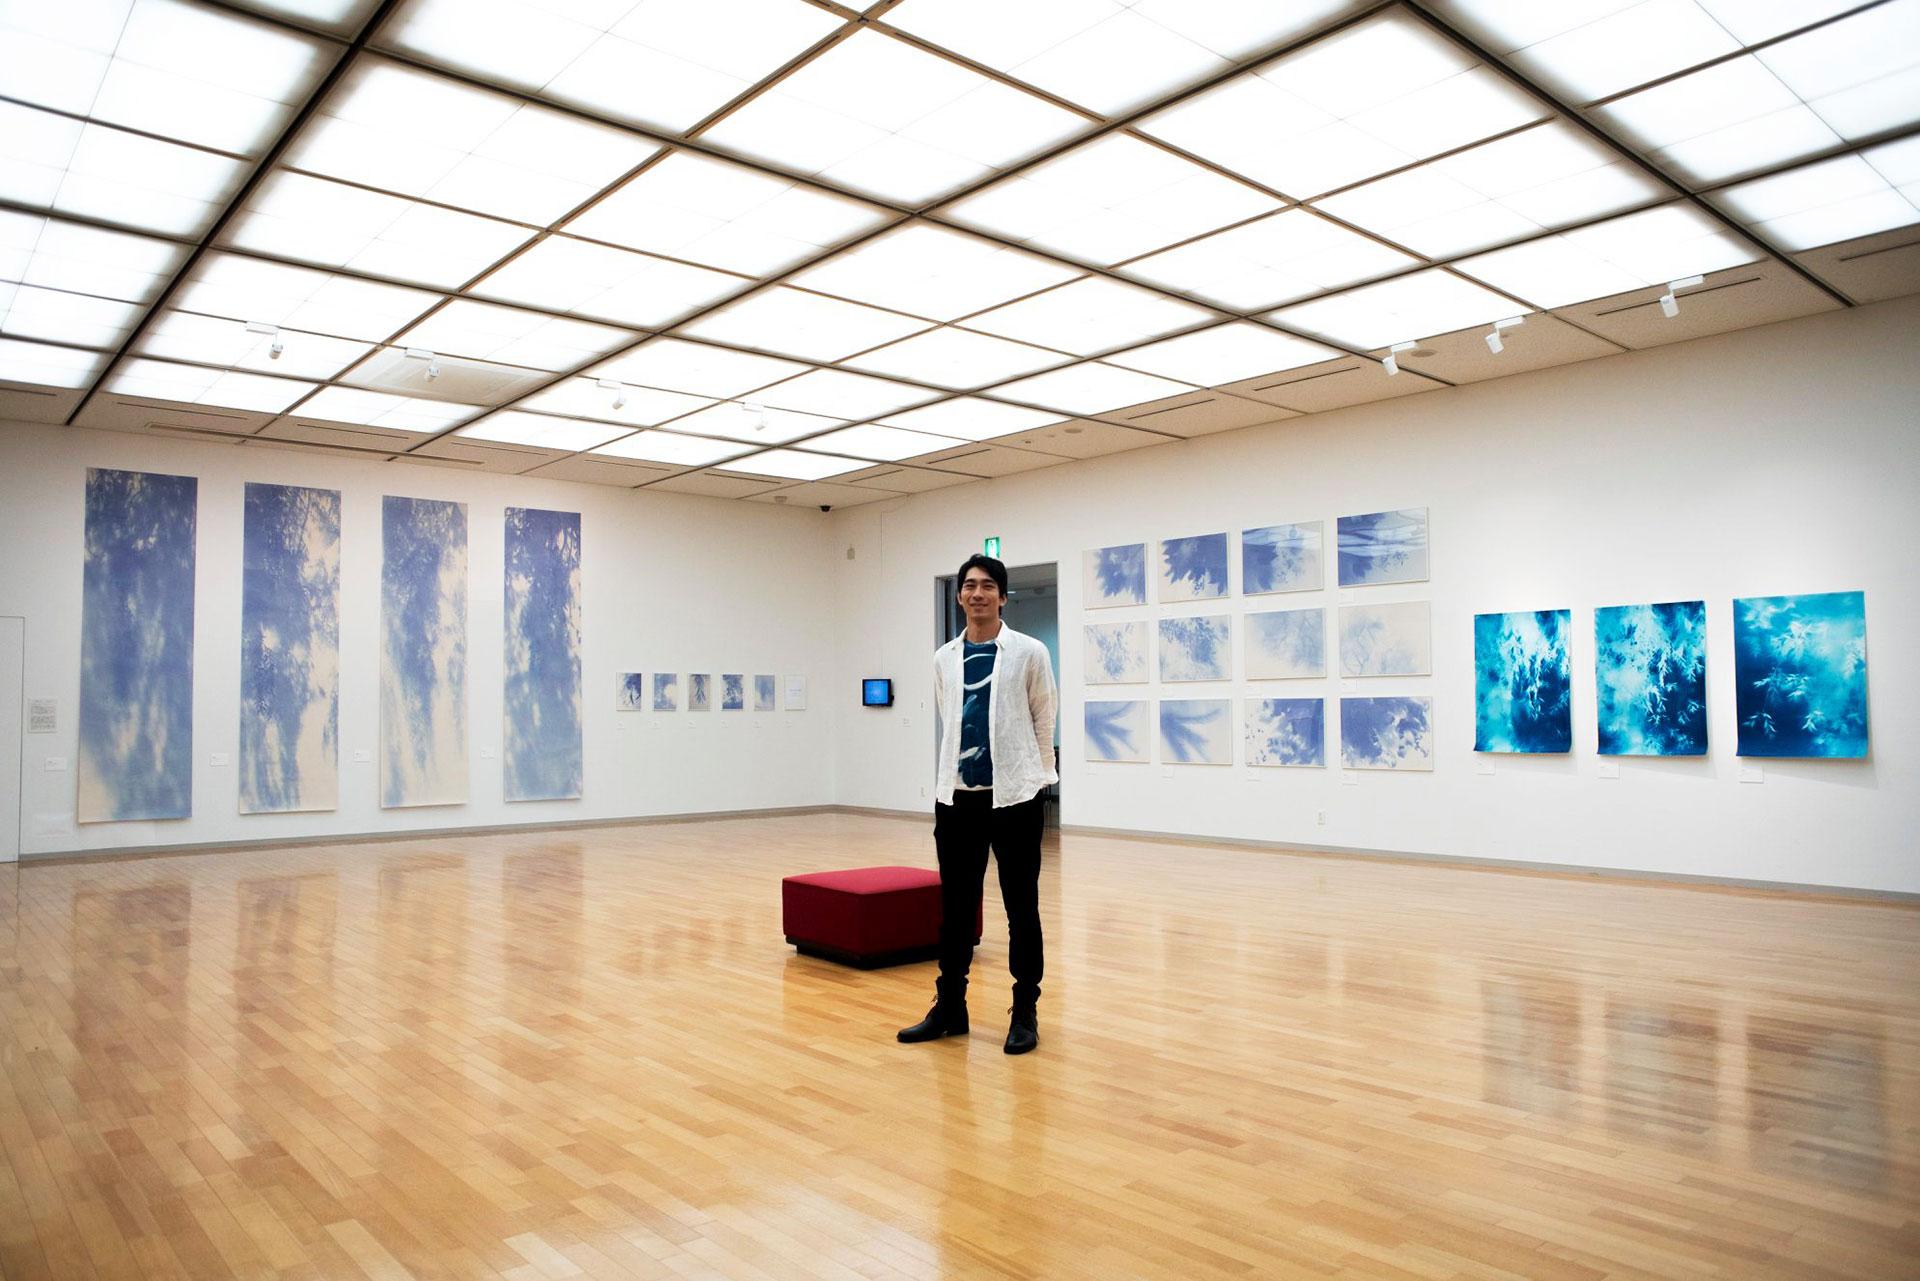 2019年広島での作品展の様子:はつかいち美術ギャラリーにて